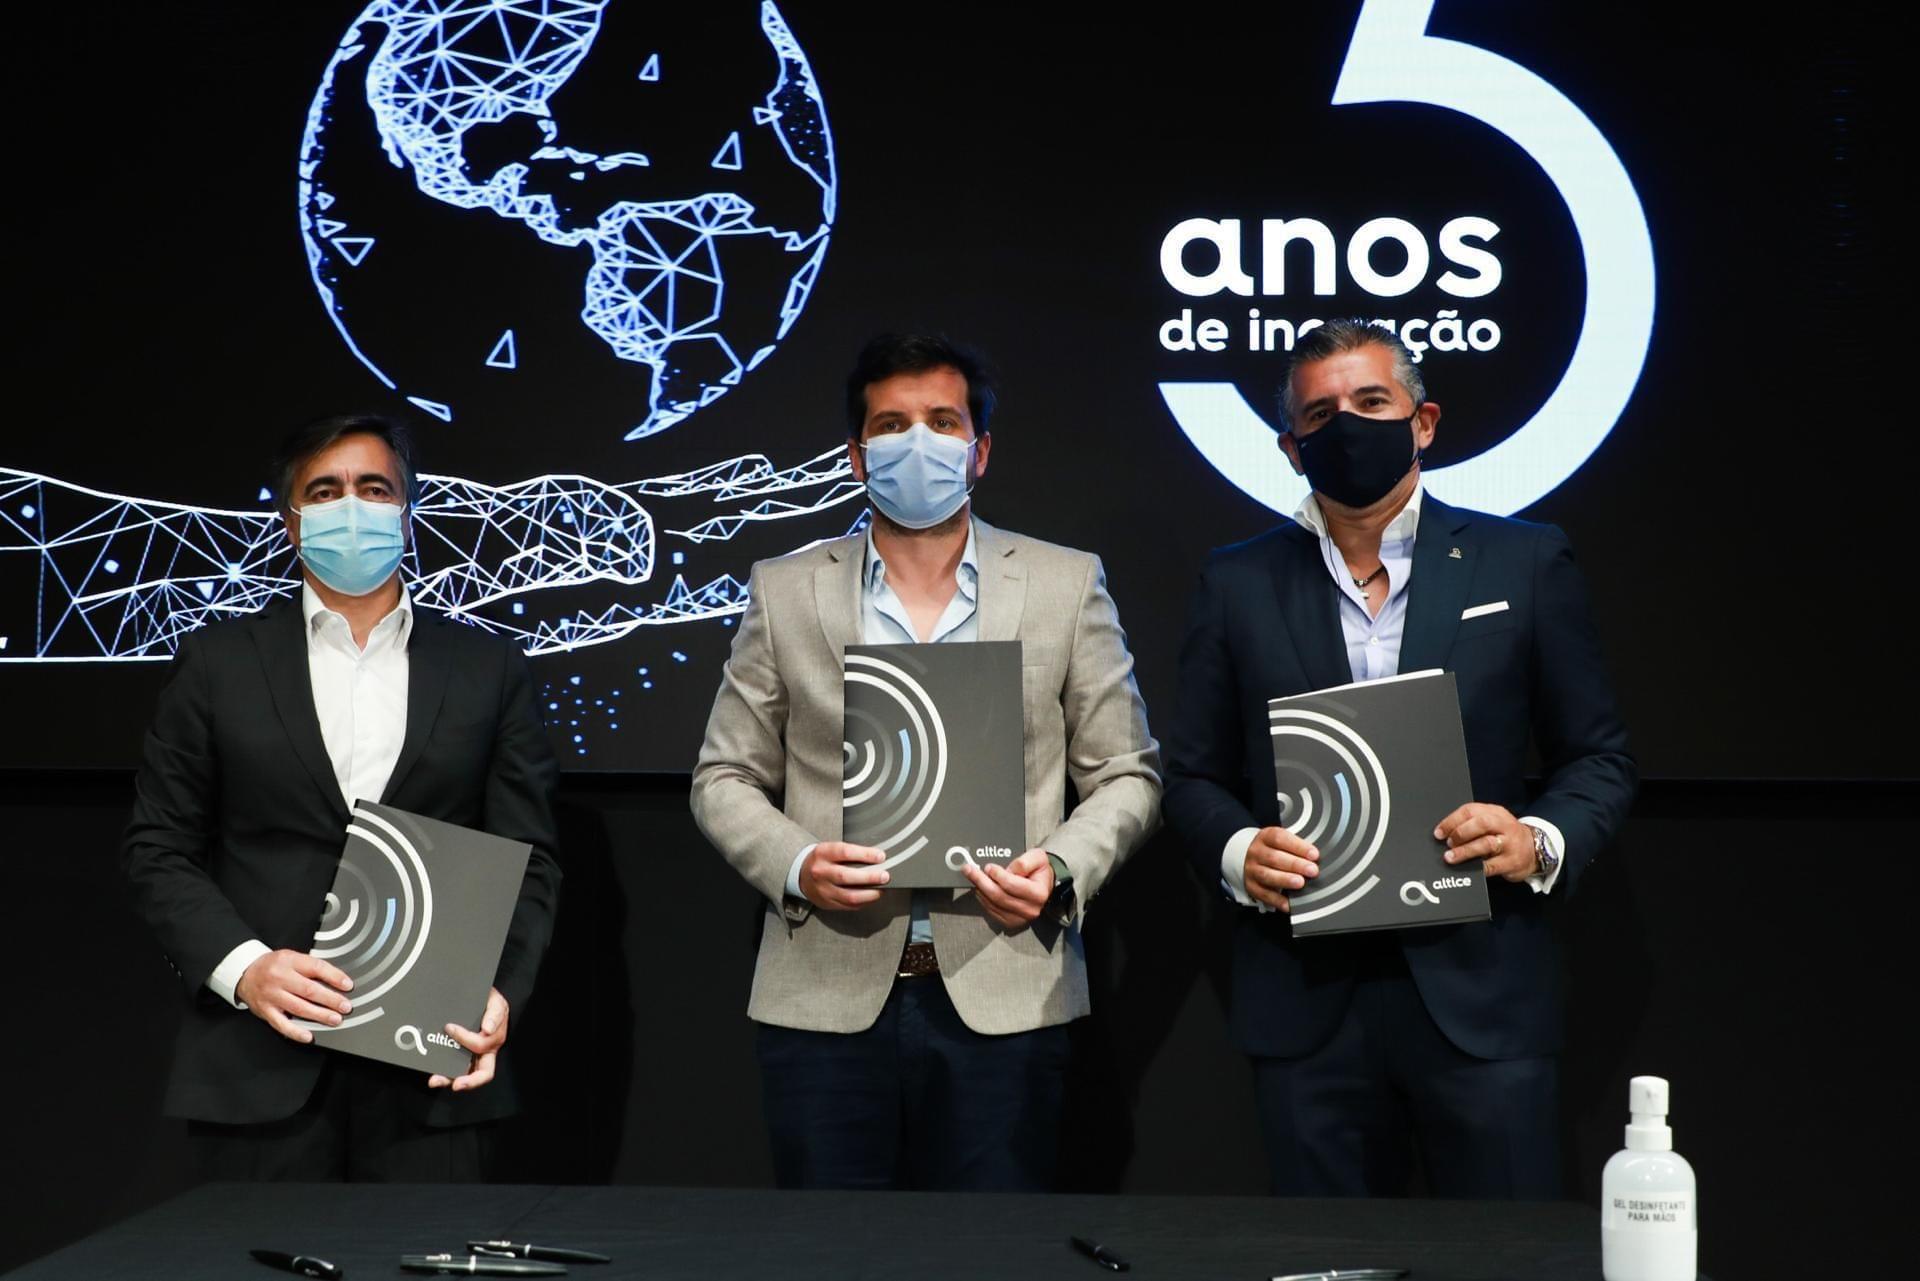 ANJE celebra parceria com Altice Labs para alavancar o empreendedorismo através do 5G